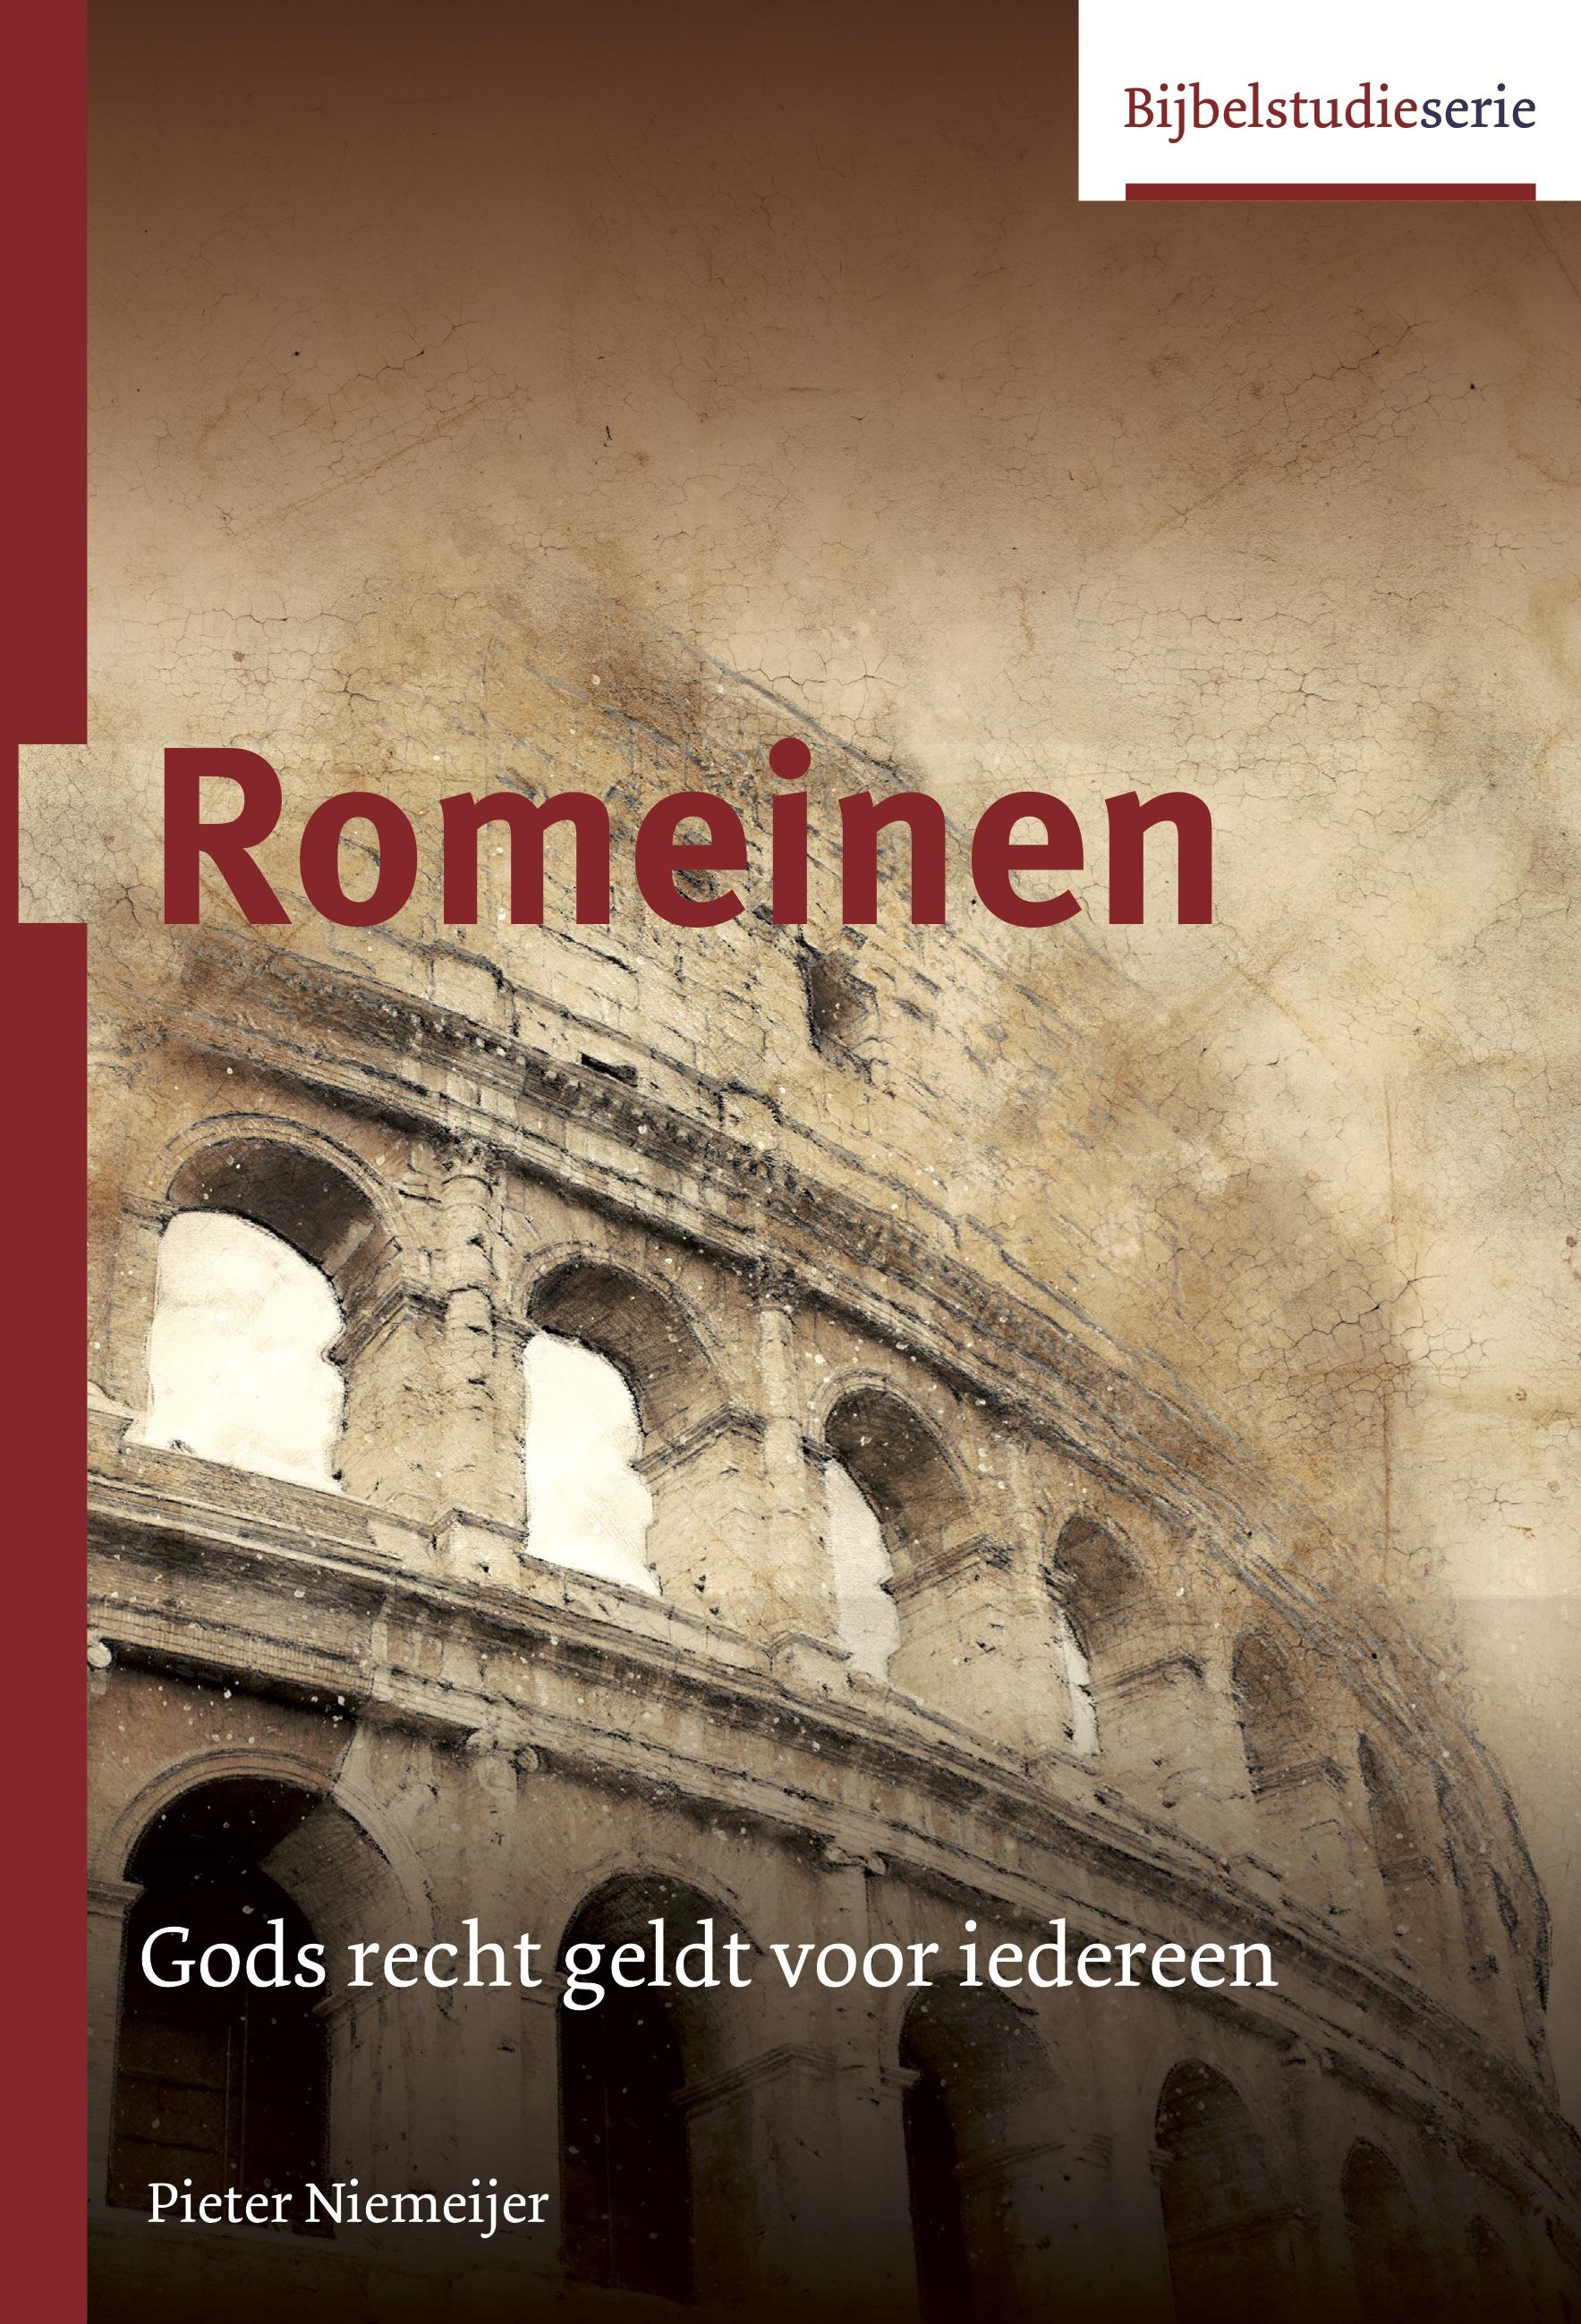 Romeinen | Gods recht geldt voor iedereen Book Cover